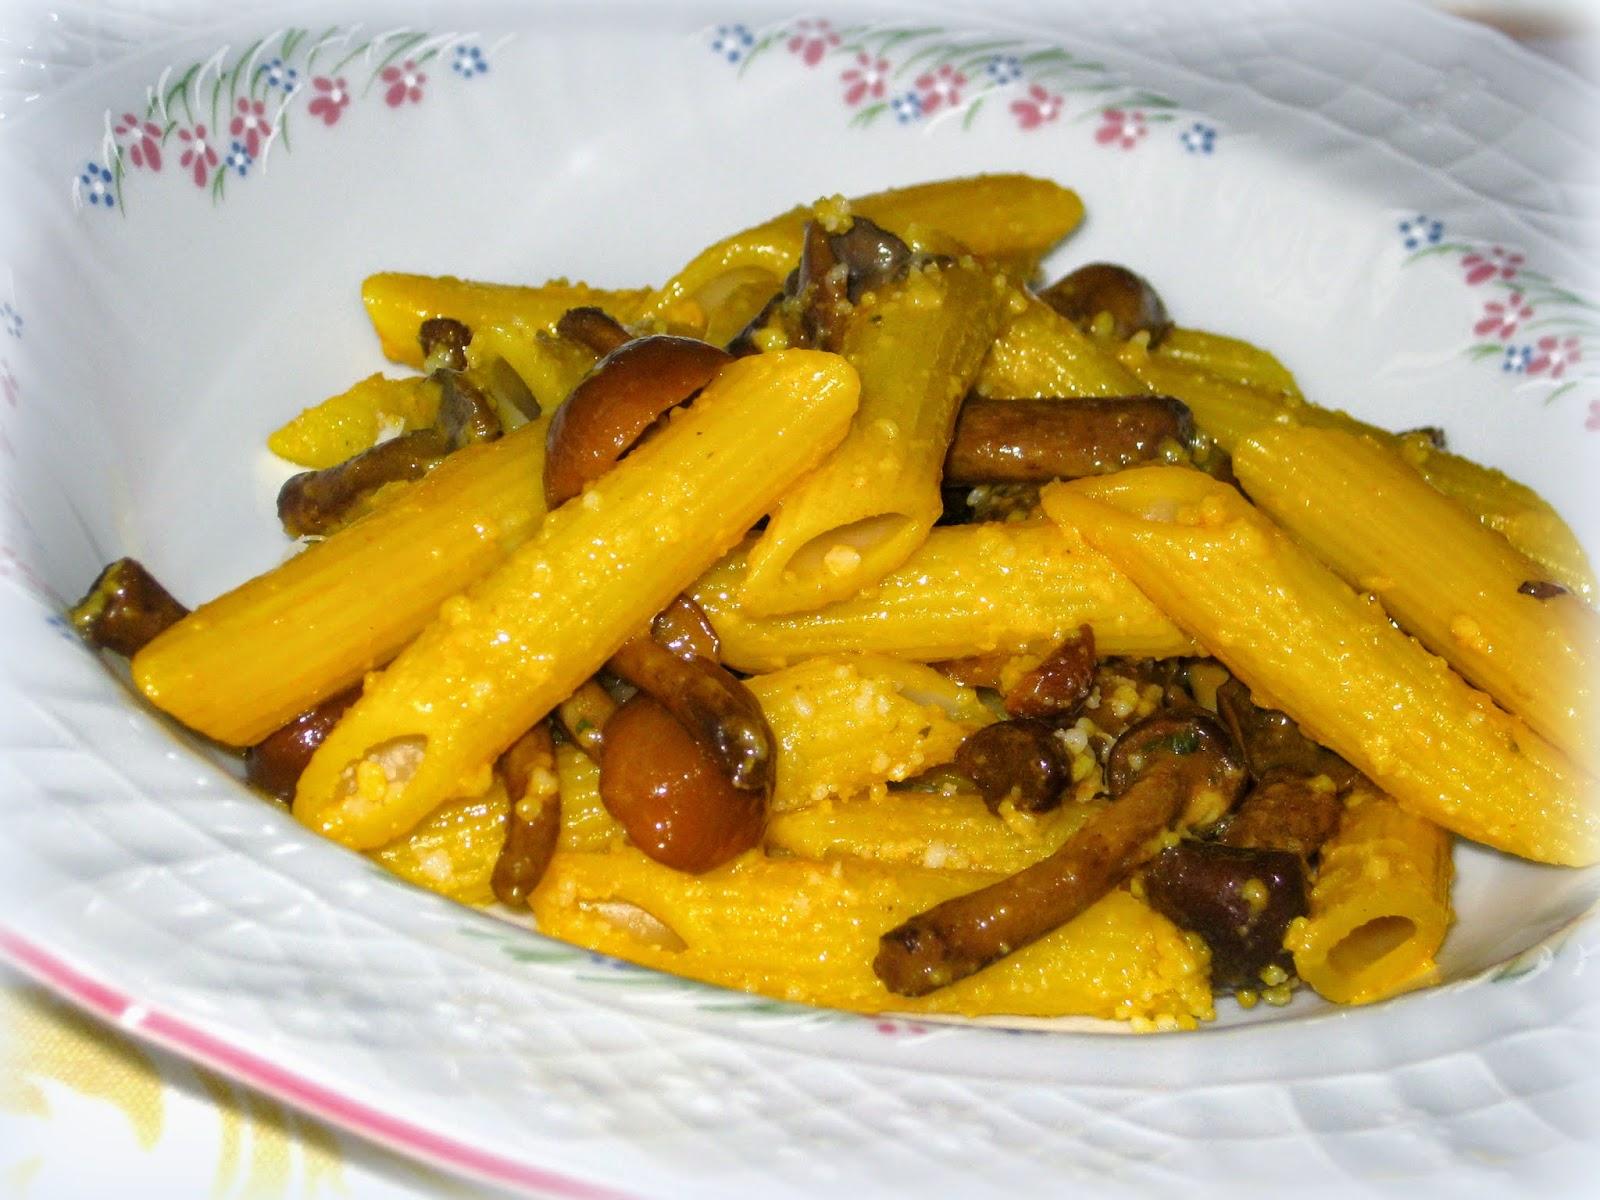 La ricetta delle pennette con funghi e zafferano è perfetta per la stagione estiva e per preparare un pranzo veloce ma molto goloso.